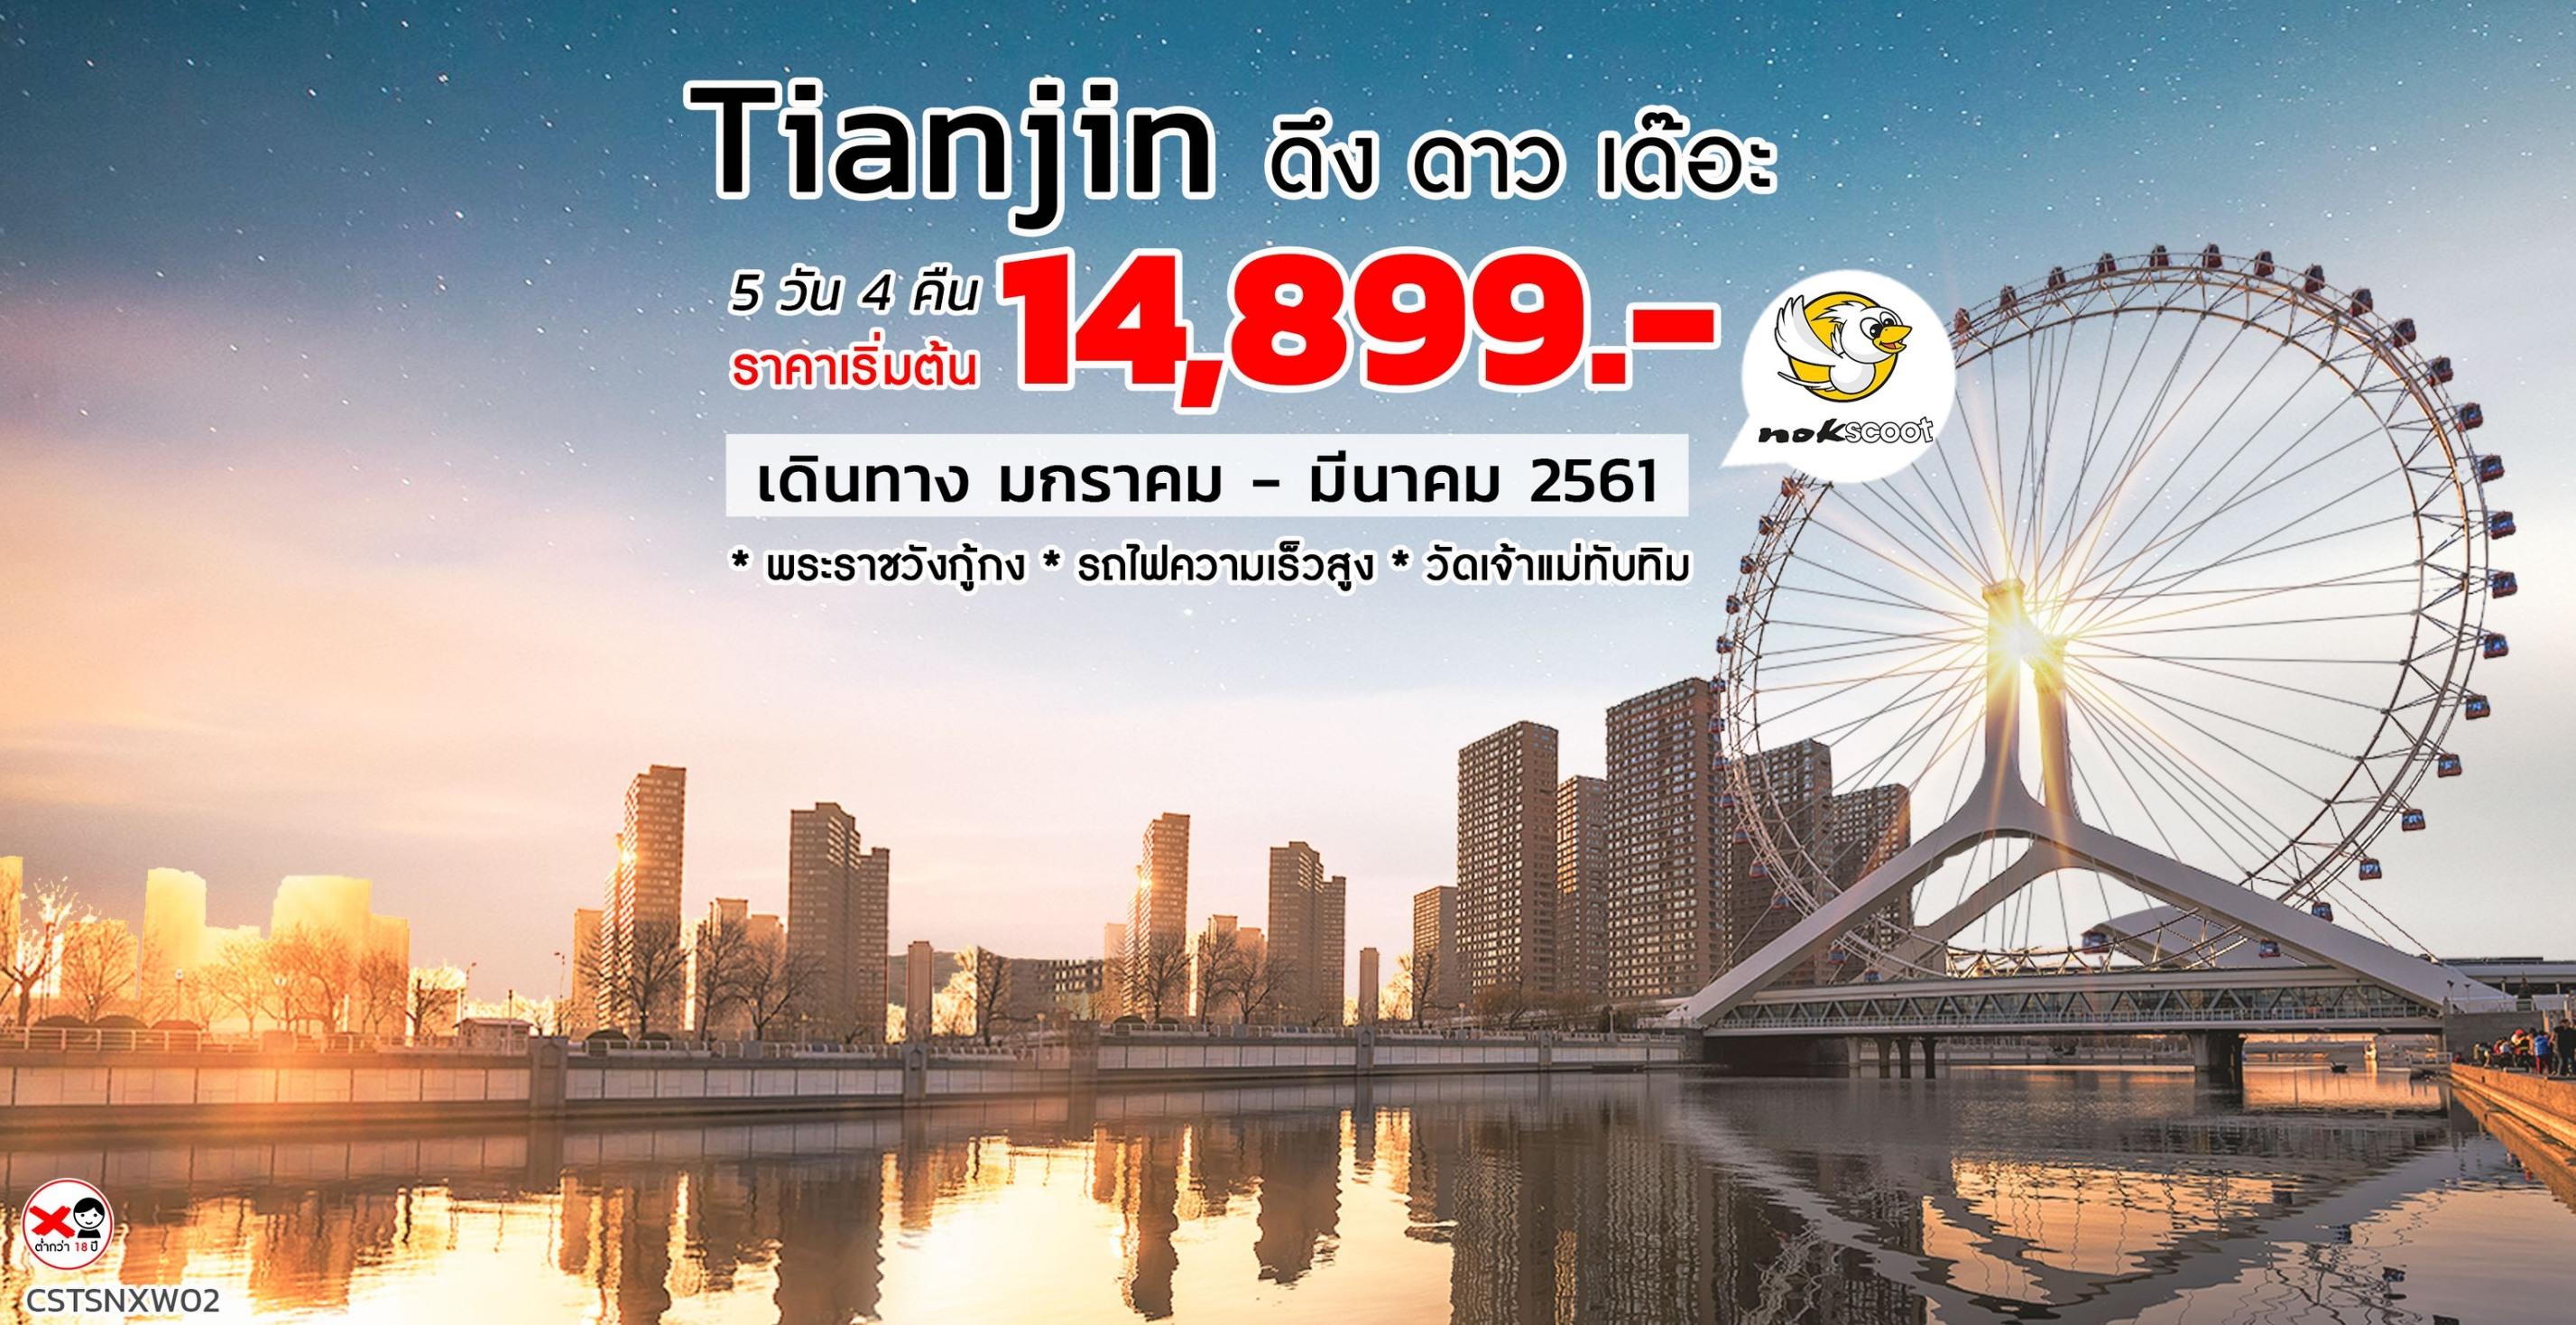 ทัวร์เทียนสิน Tianjin ดึง ดาว เด๊อะ 5 วัน 4 คืน (XW)